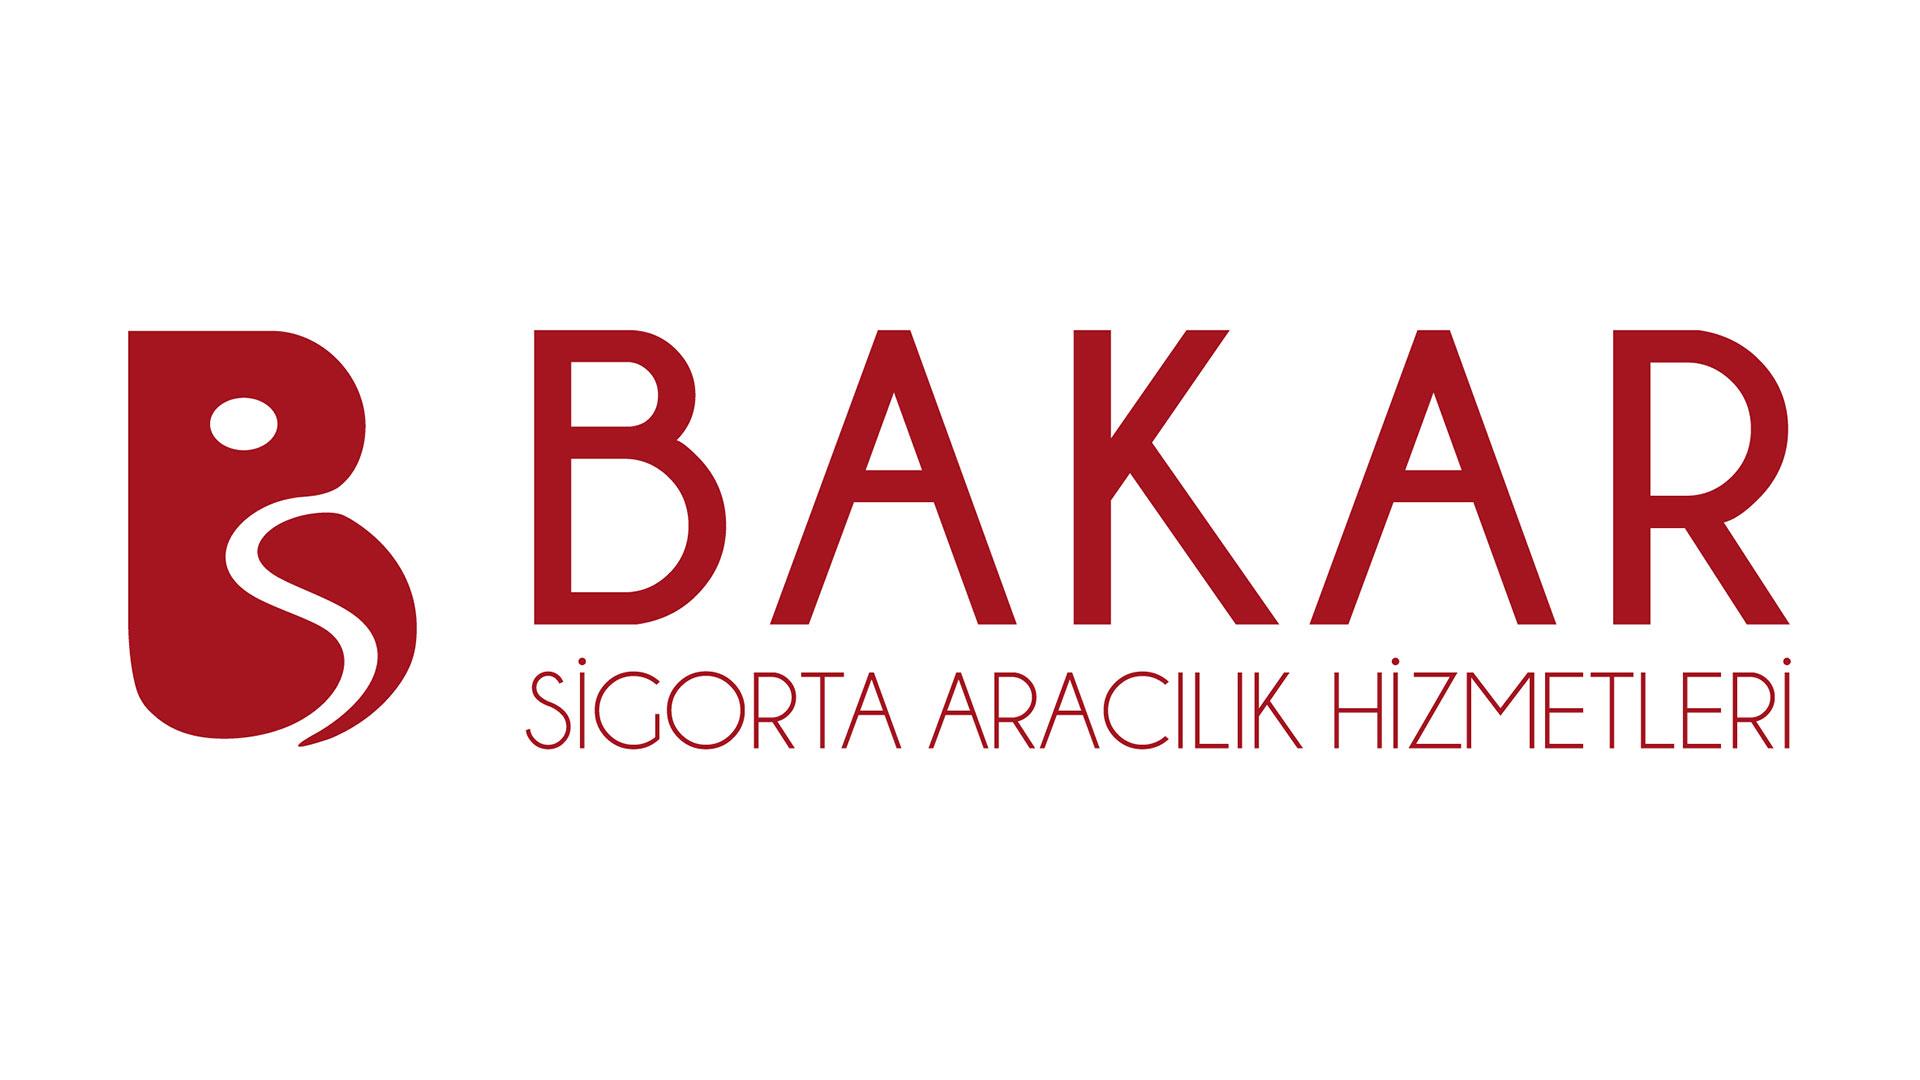 Bakar-Sigorta